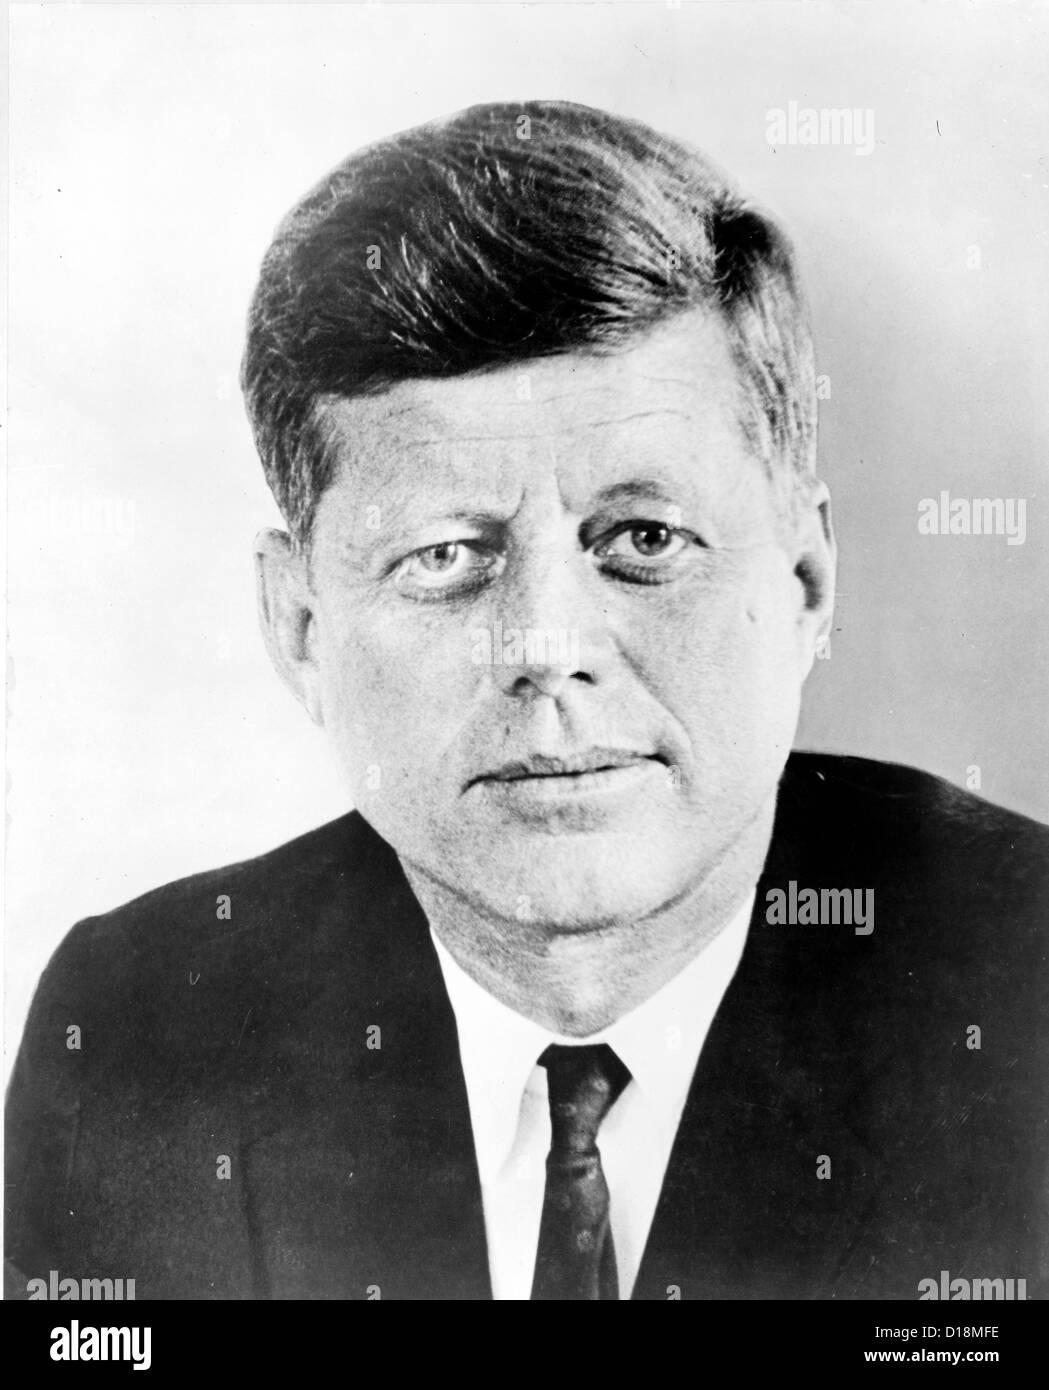 President John F. Kennedy - Stock Image